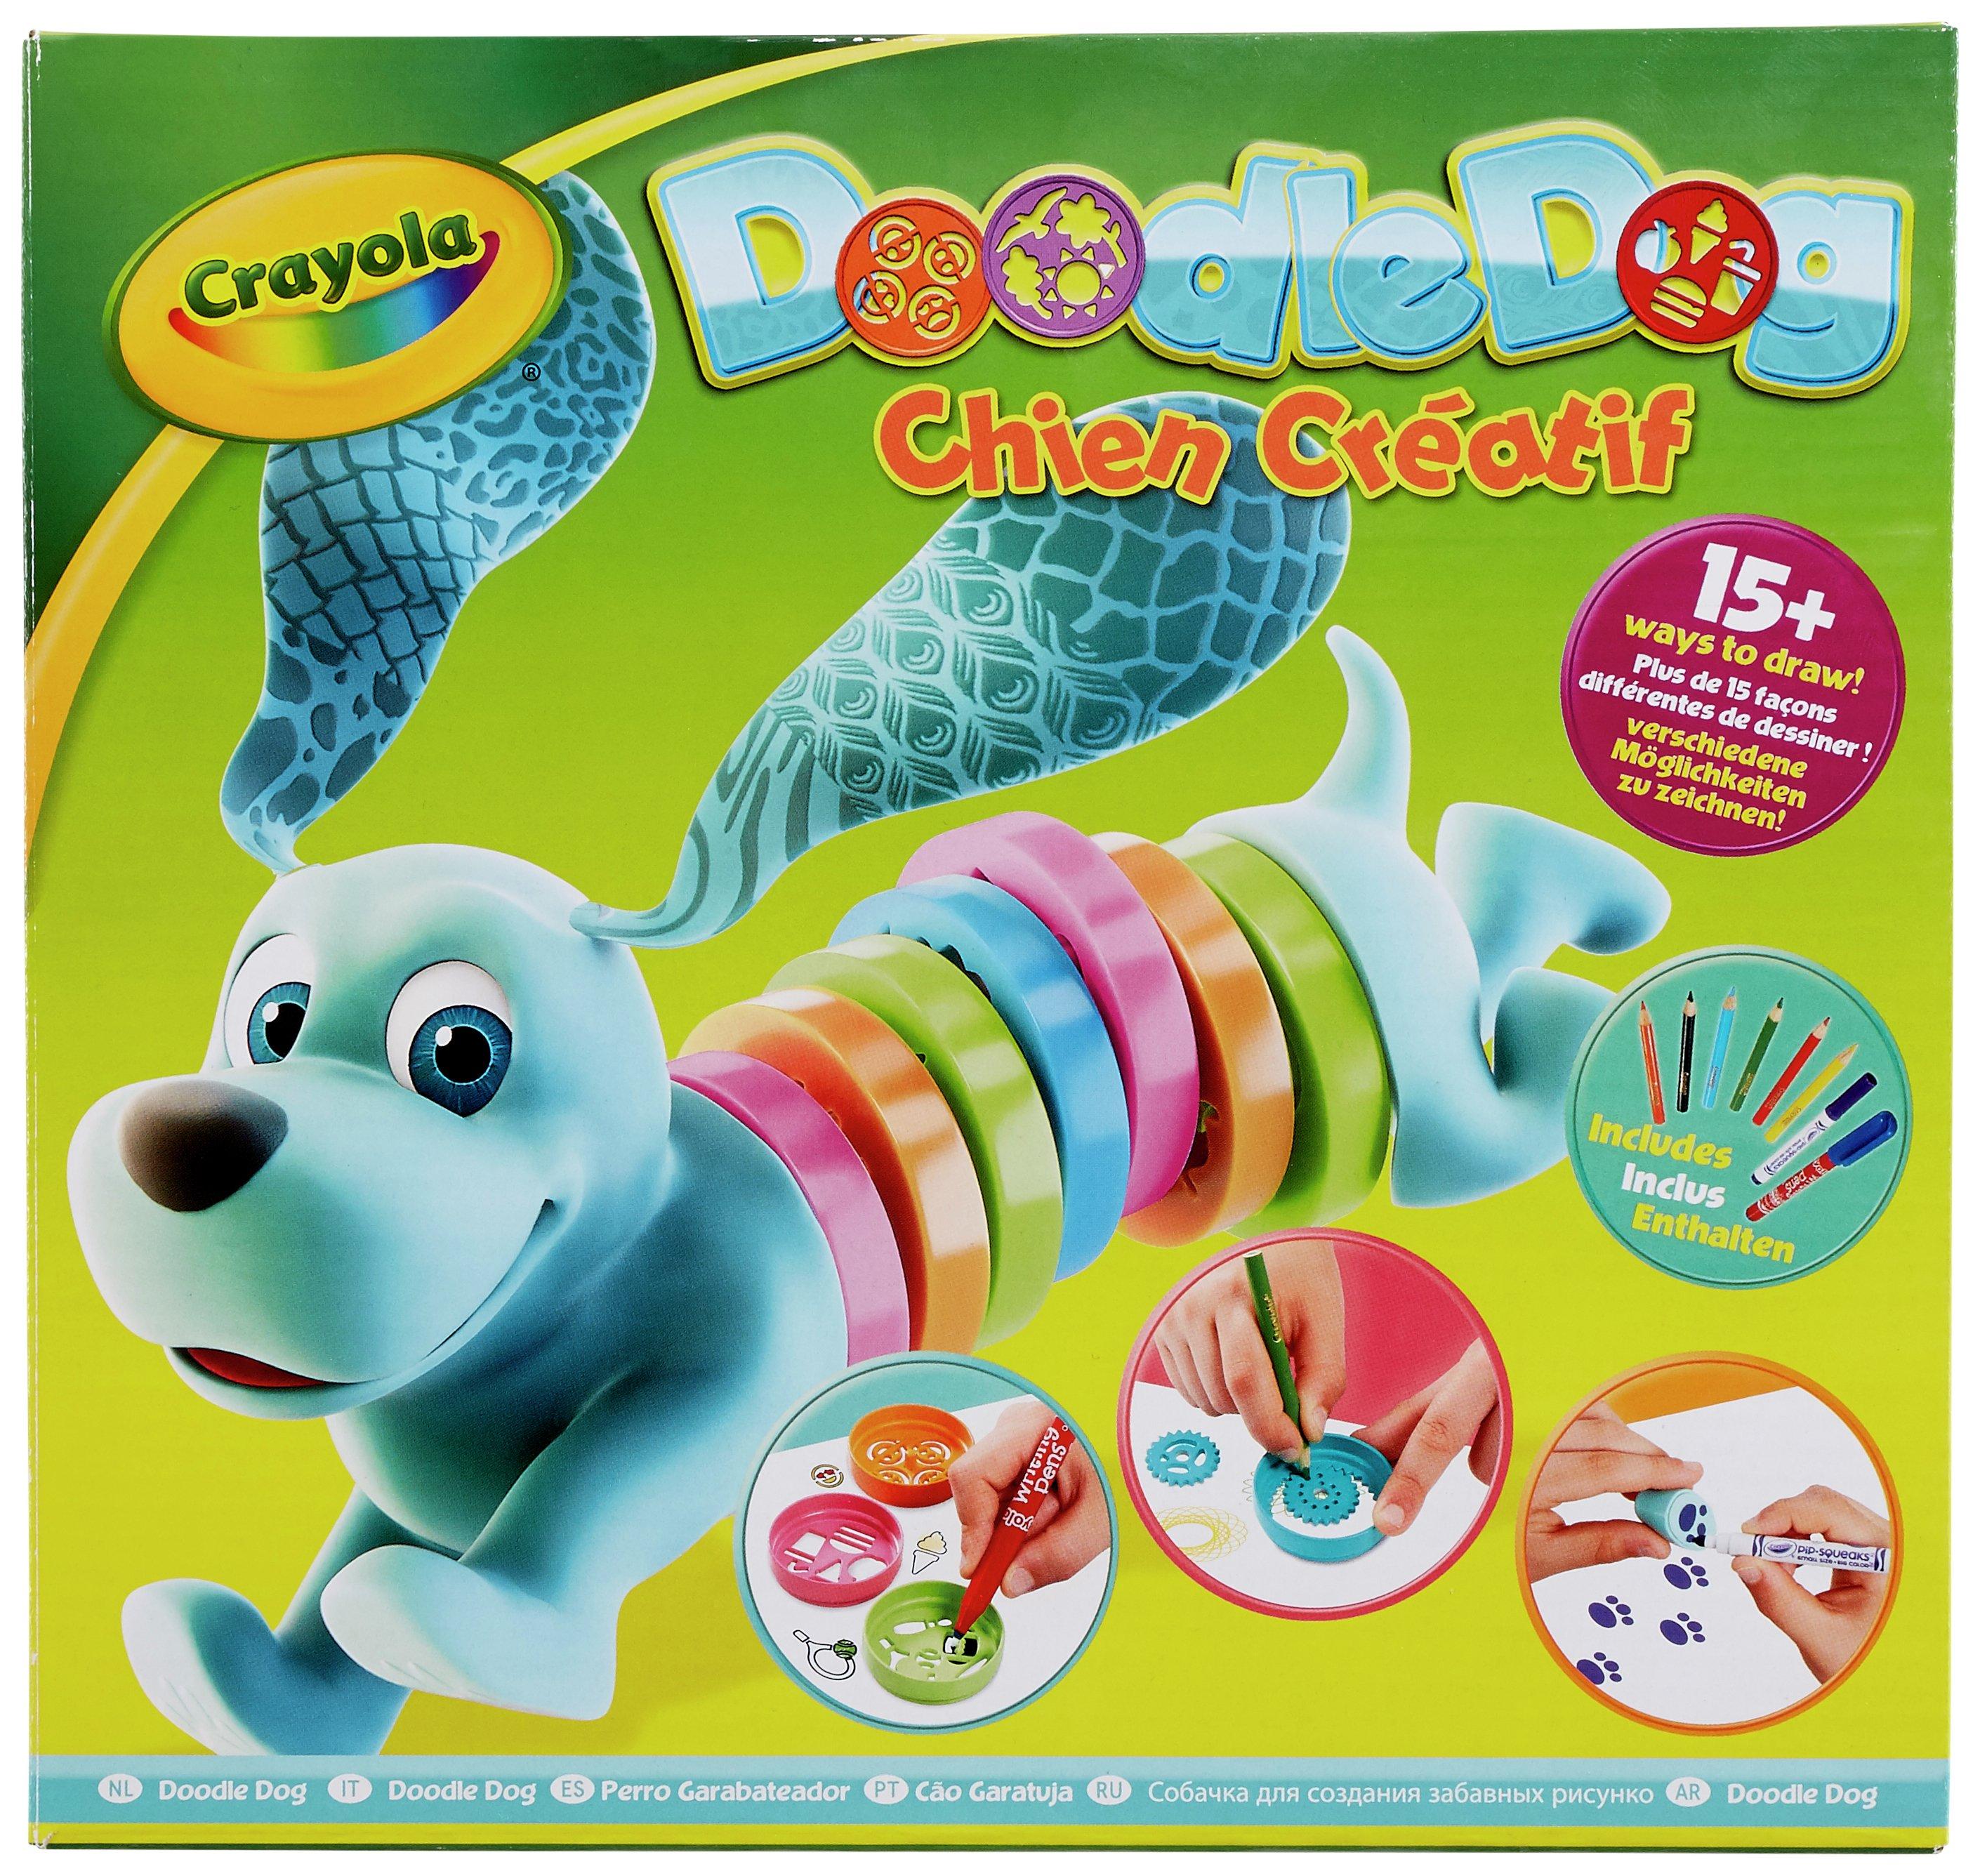 Image of Crayola Doodle Dog